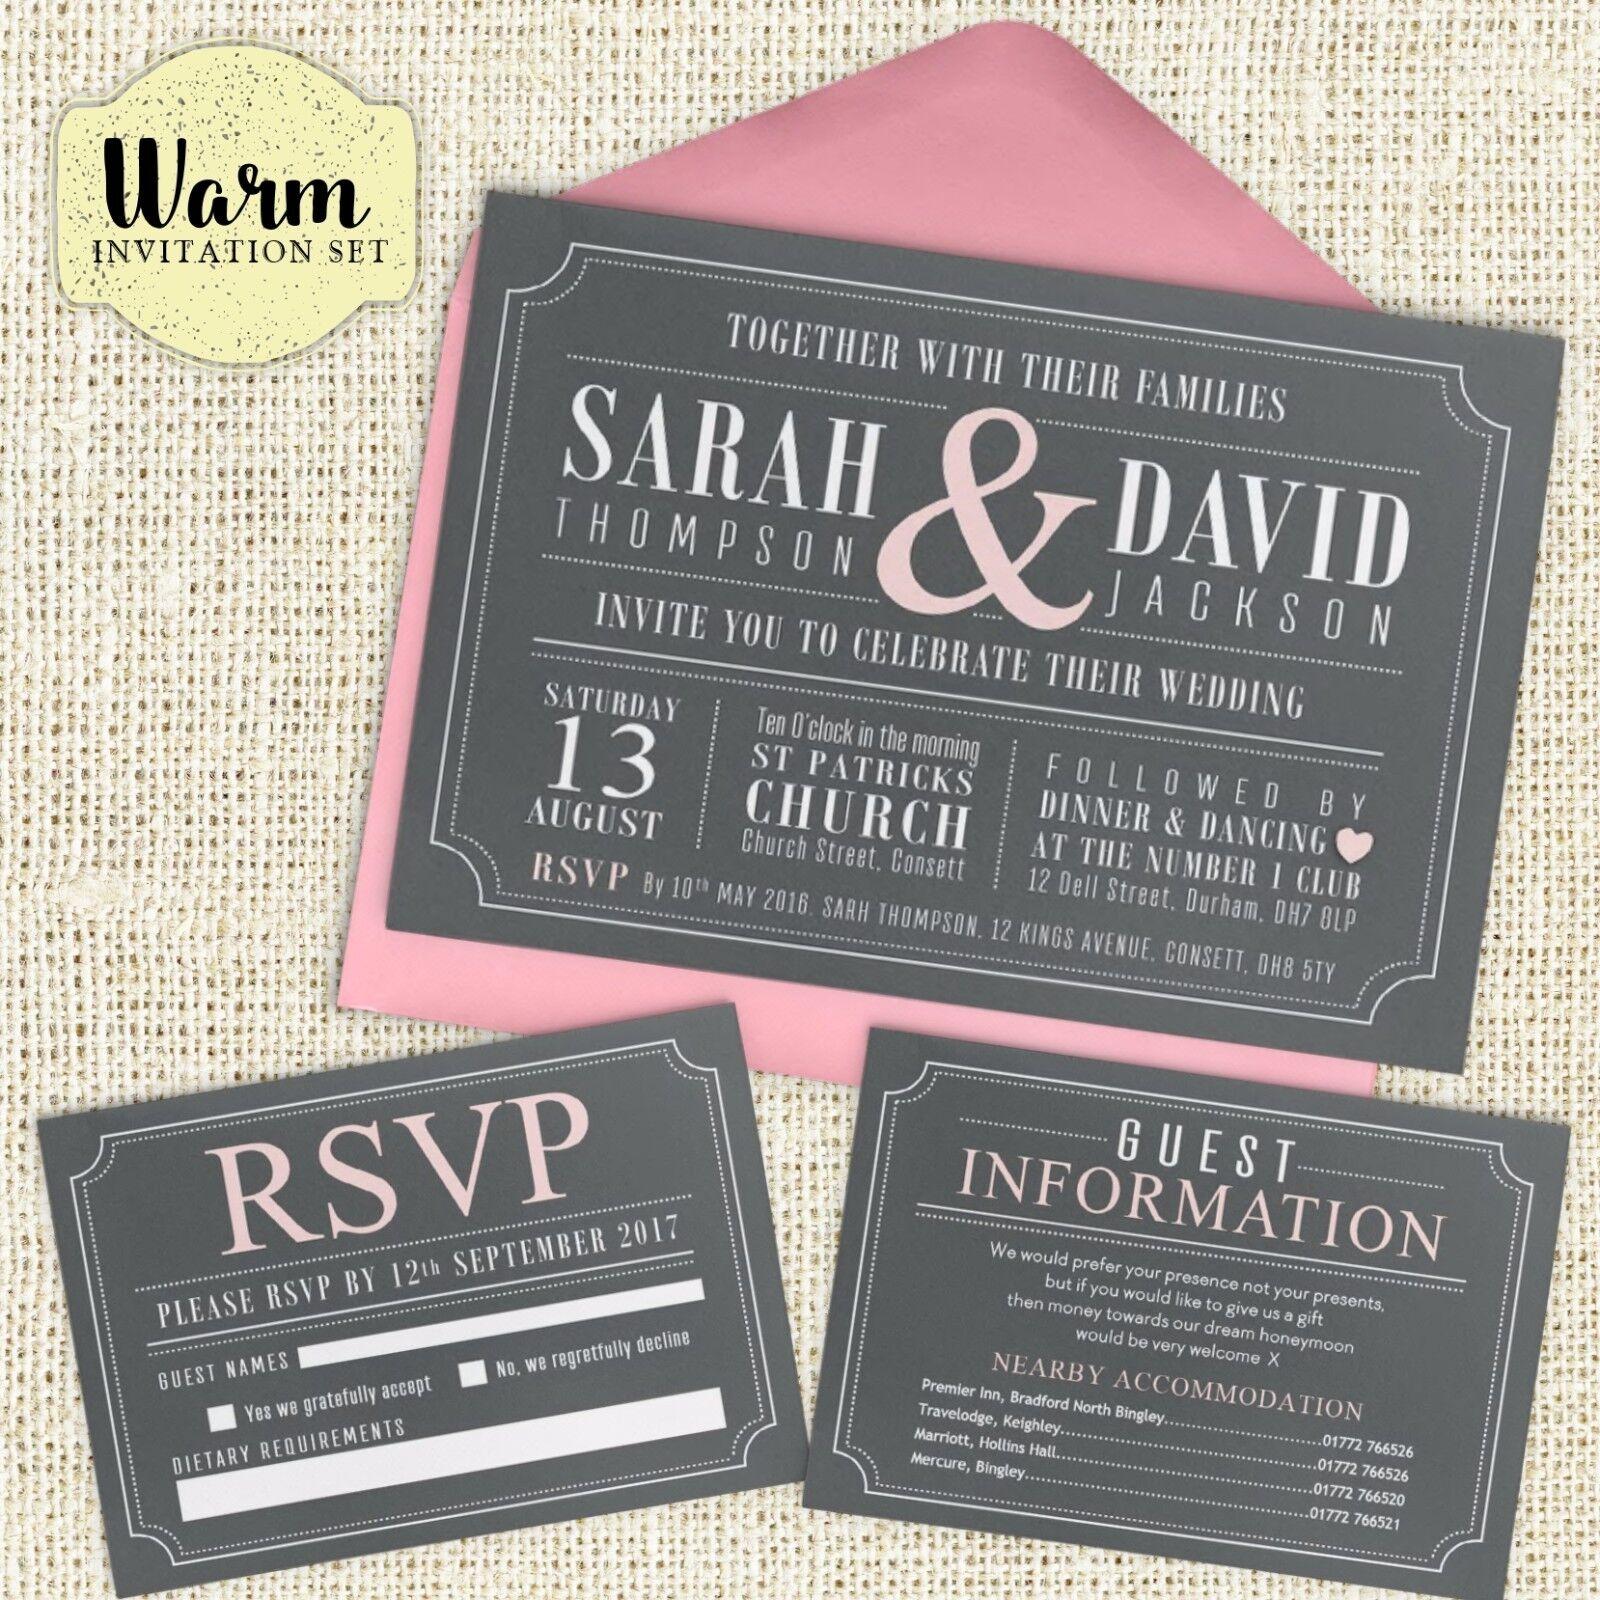 Mariage/Soirée invitation Set, RSVP cartes, Cartes Poème Cartes cartes, Informations et cartes 8f2514